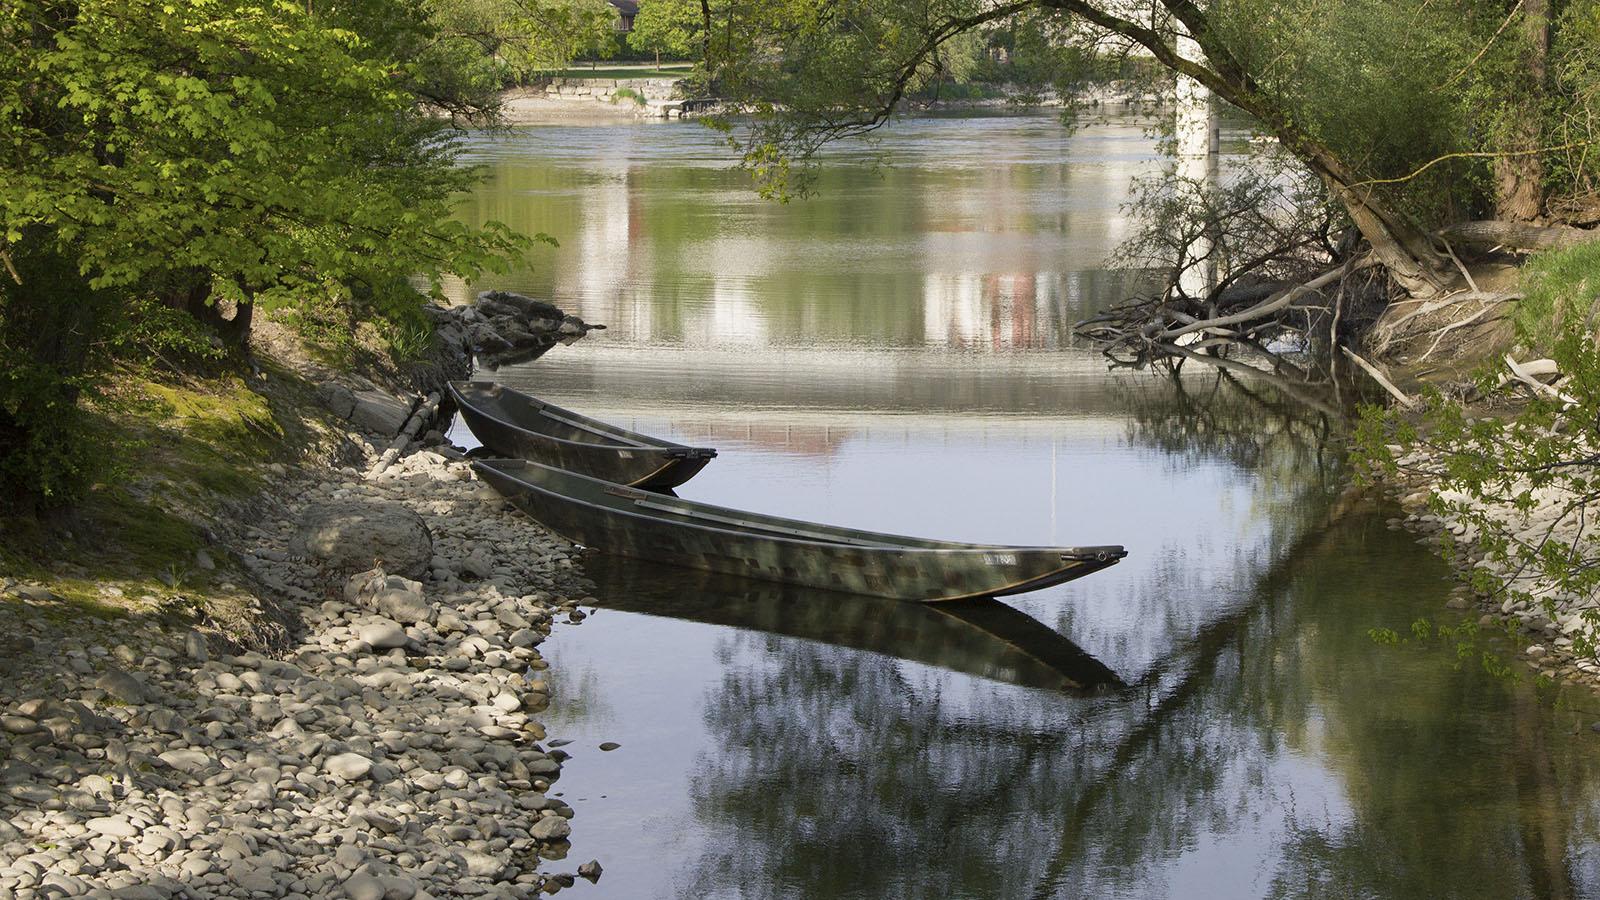 Zurück in ruhigen Gewässern: Landungsstelle im Geissenschachen, wo sich das Vereinshaus der Pontoniere befindet. Im Bild sind zwei Weidlinge zu sehen